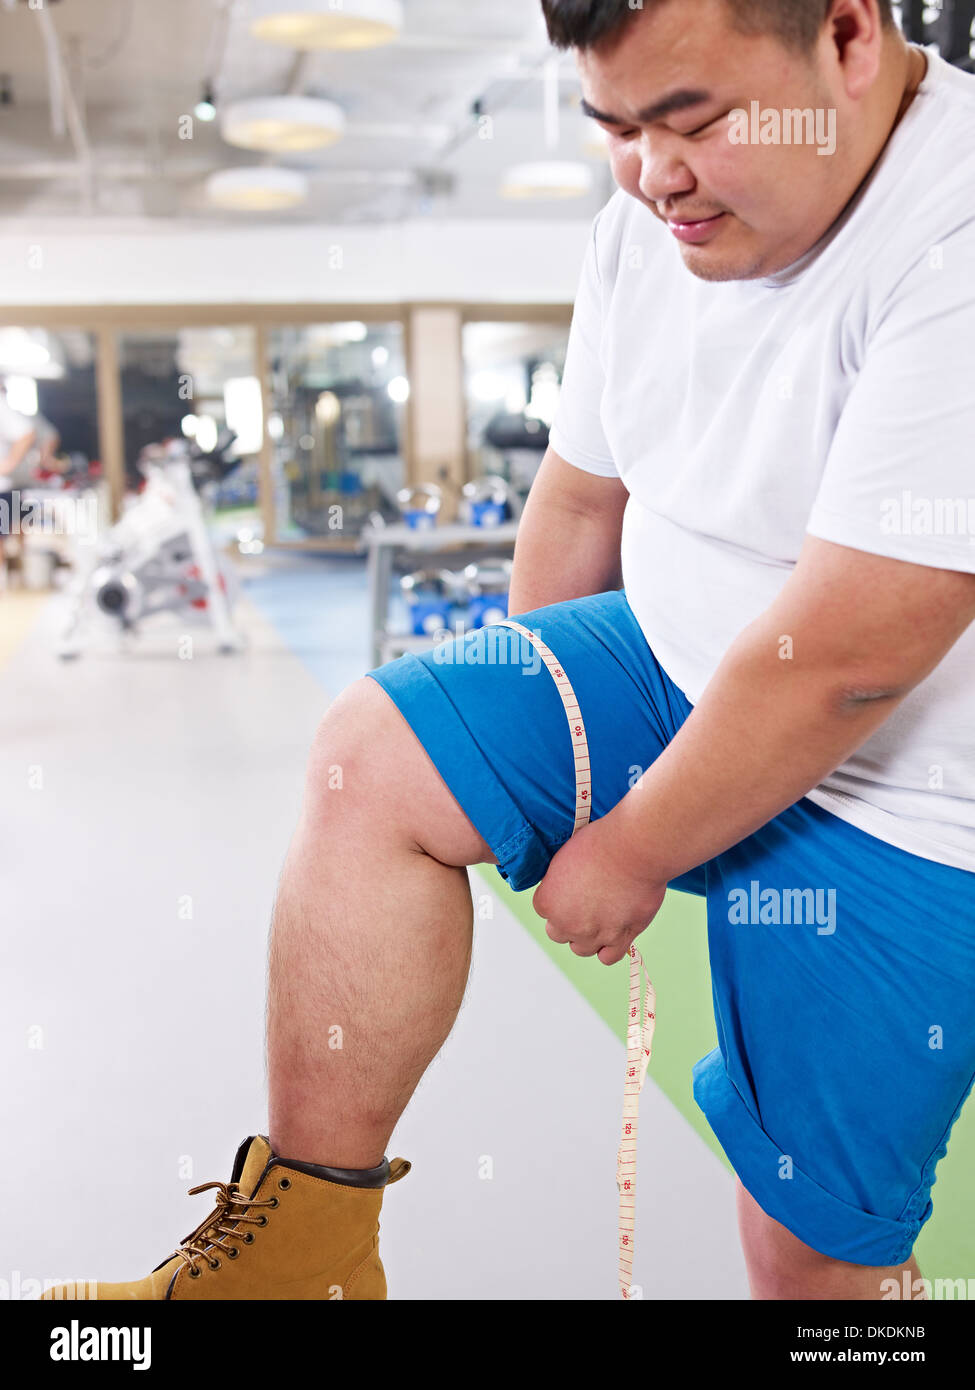 Hombre con sobrepeso midiendo el tamaño de la pierna Imagen De Stock